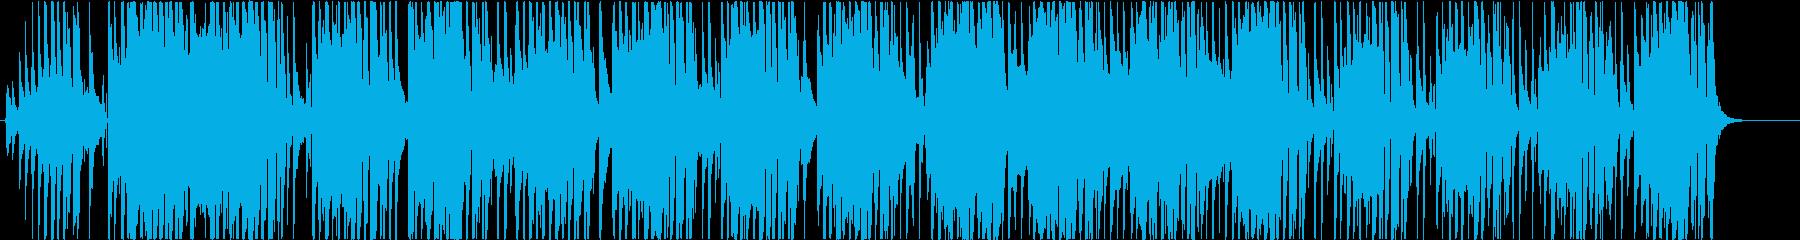 ファンキーでブルージーな和風セッションの再生済みの波形